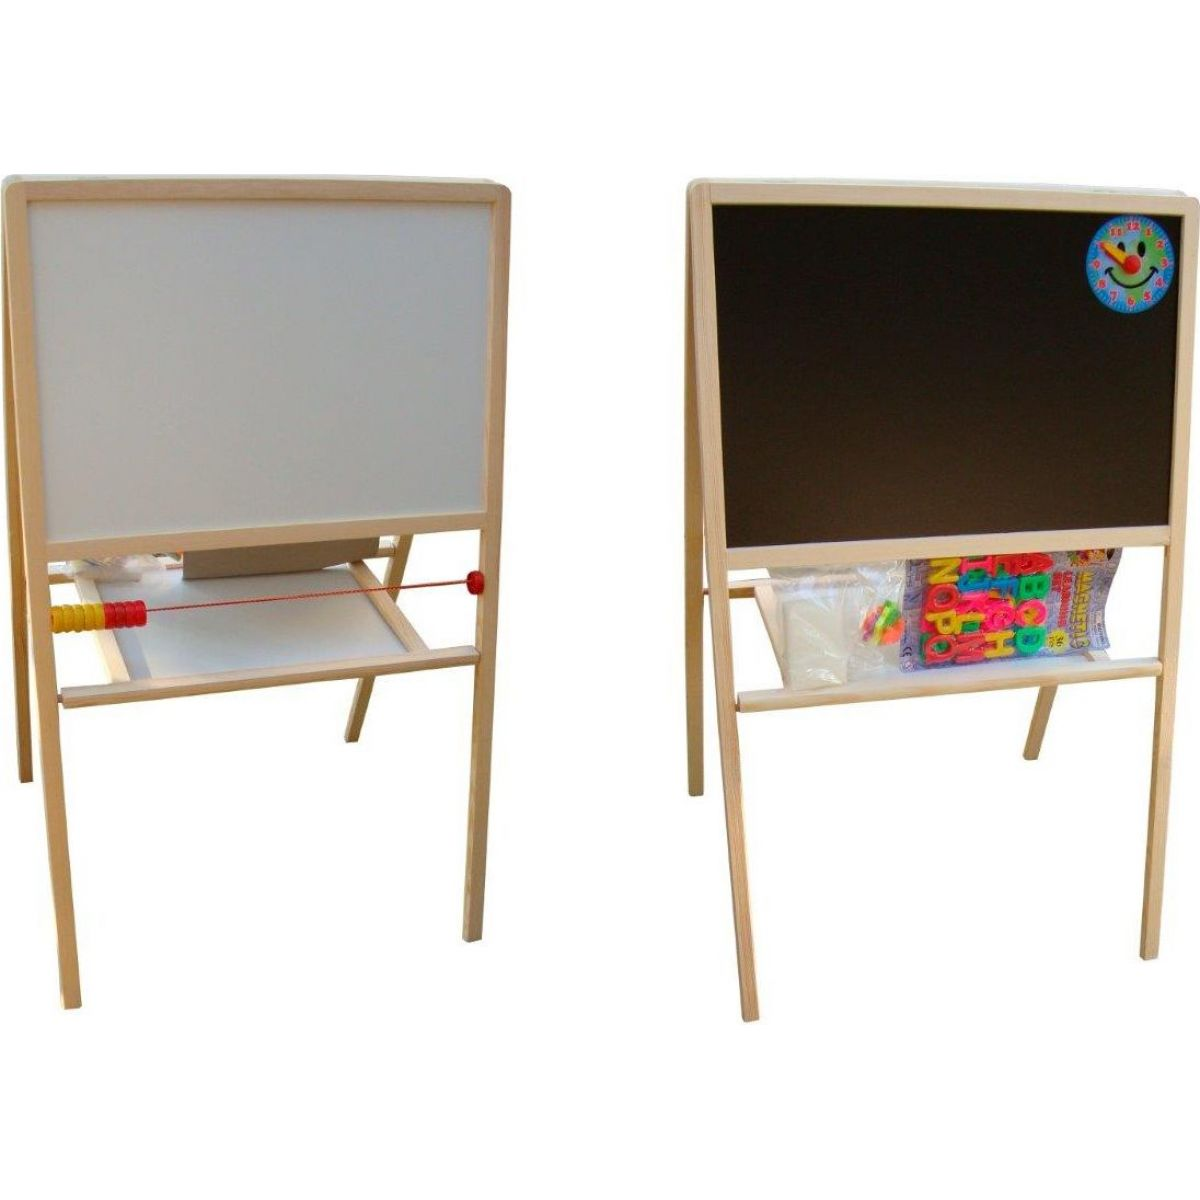 Toy Tabuľa školská obojstranná magnetická s hodinami